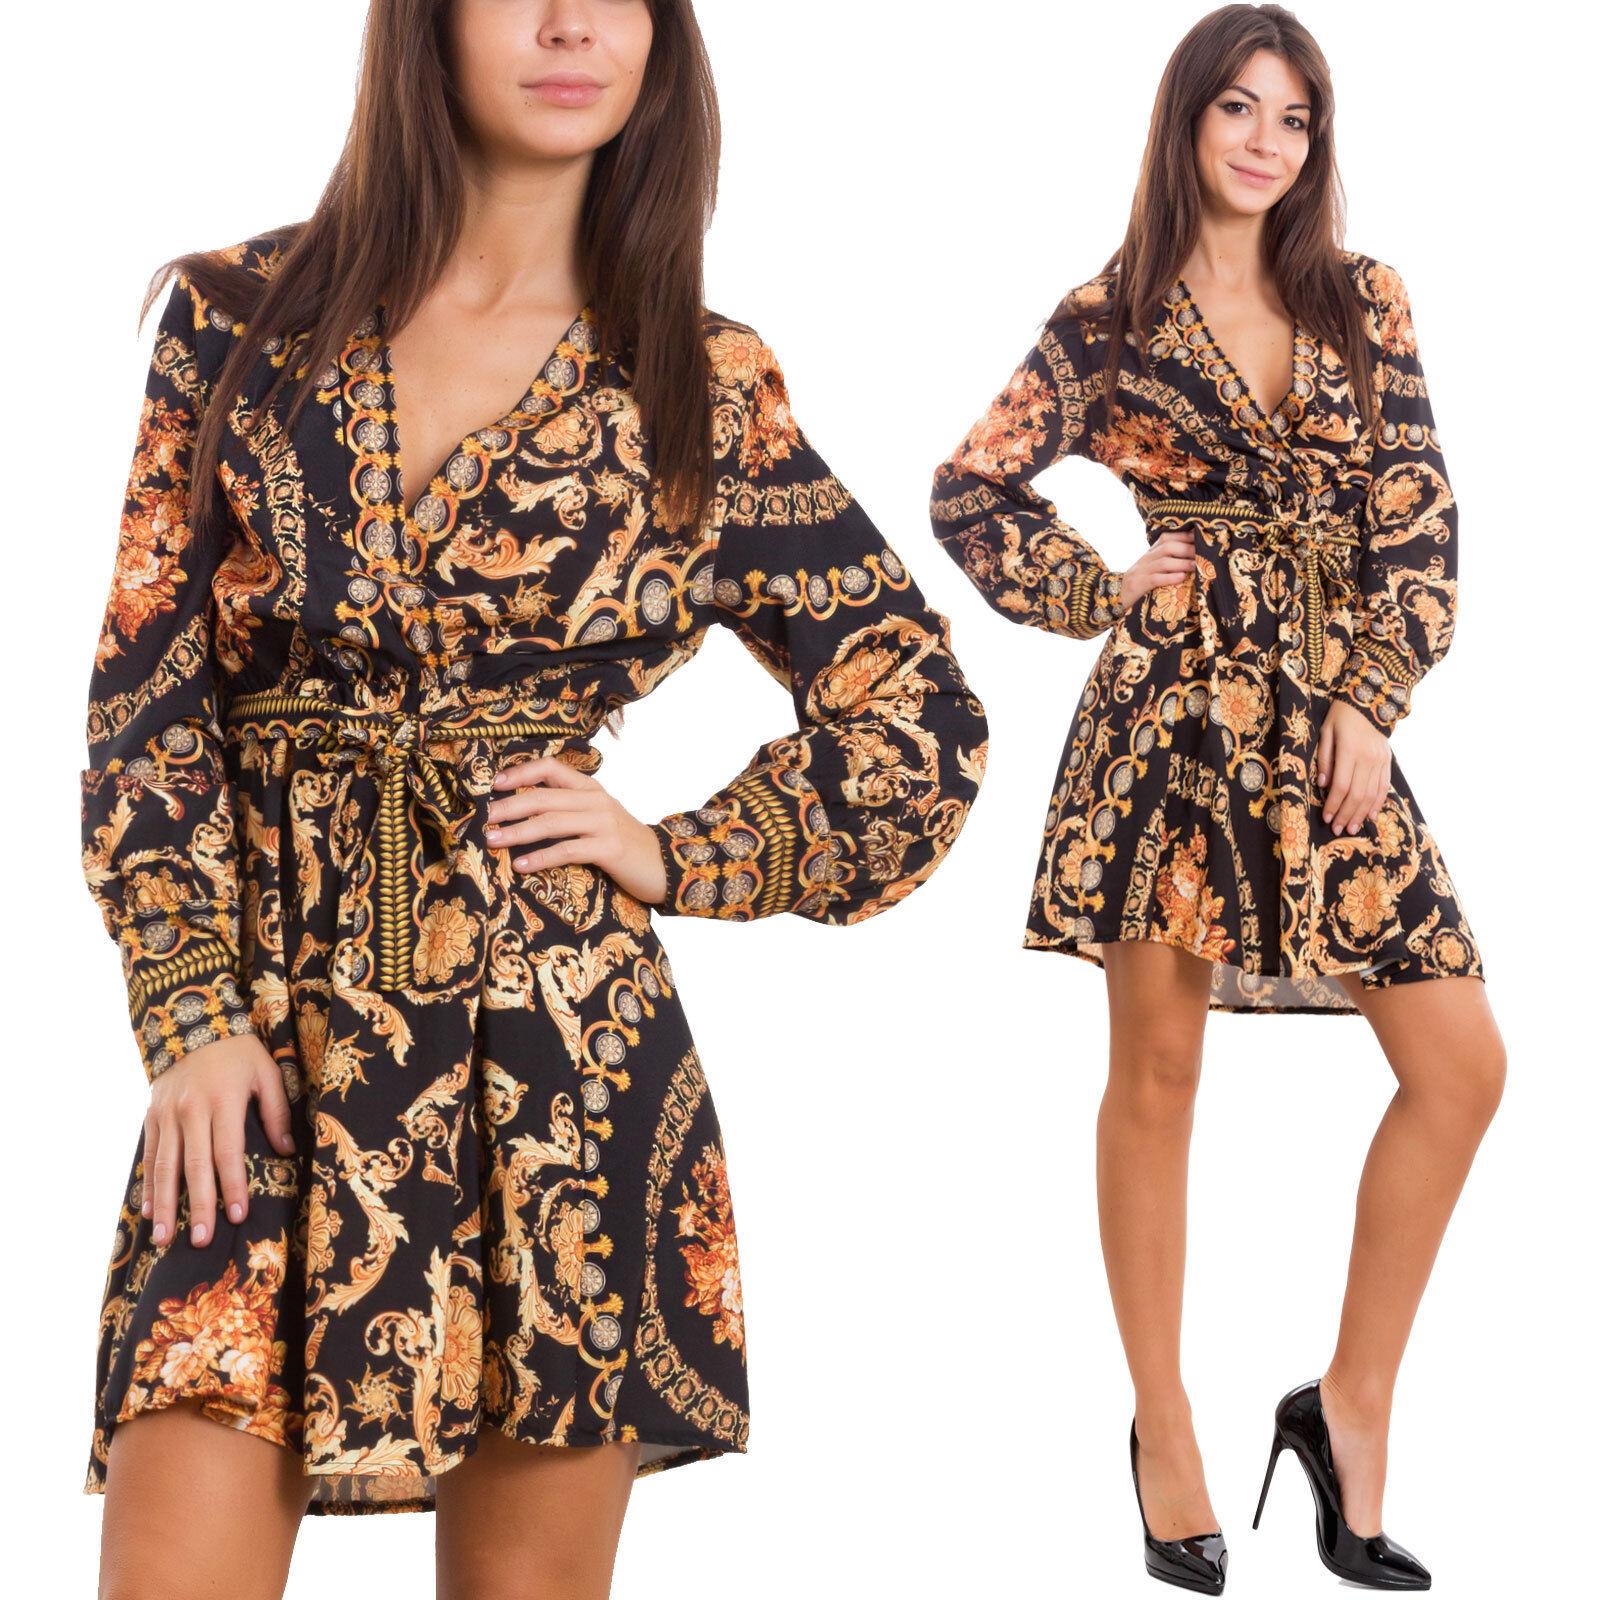 Vestito donna corto mini abito fantasia barocca scollato elegante sexy 548257a39e4